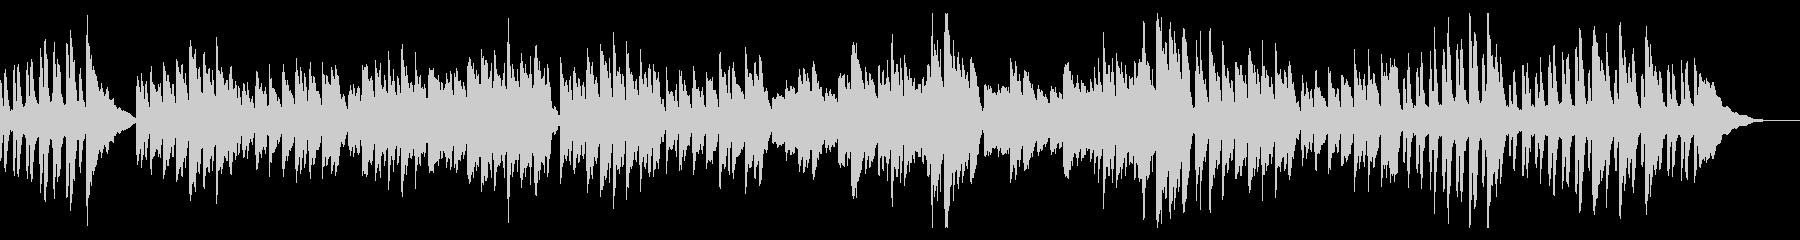 ピアノ練習曲/ブルグミュラー狩の未再生の波形